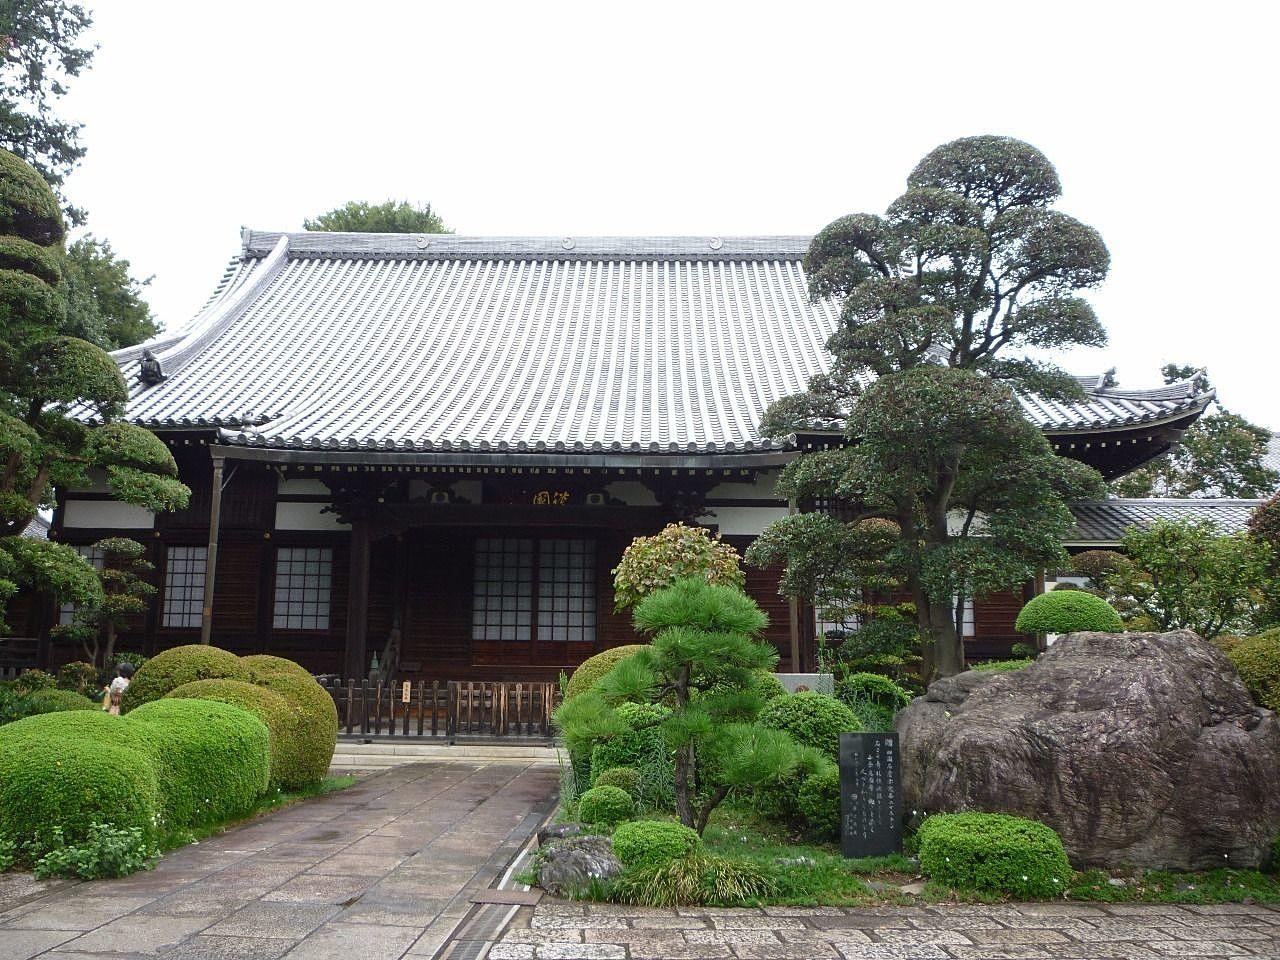 【板橋十景】板橋区赤塚の名刹「松月院」って知ってる?